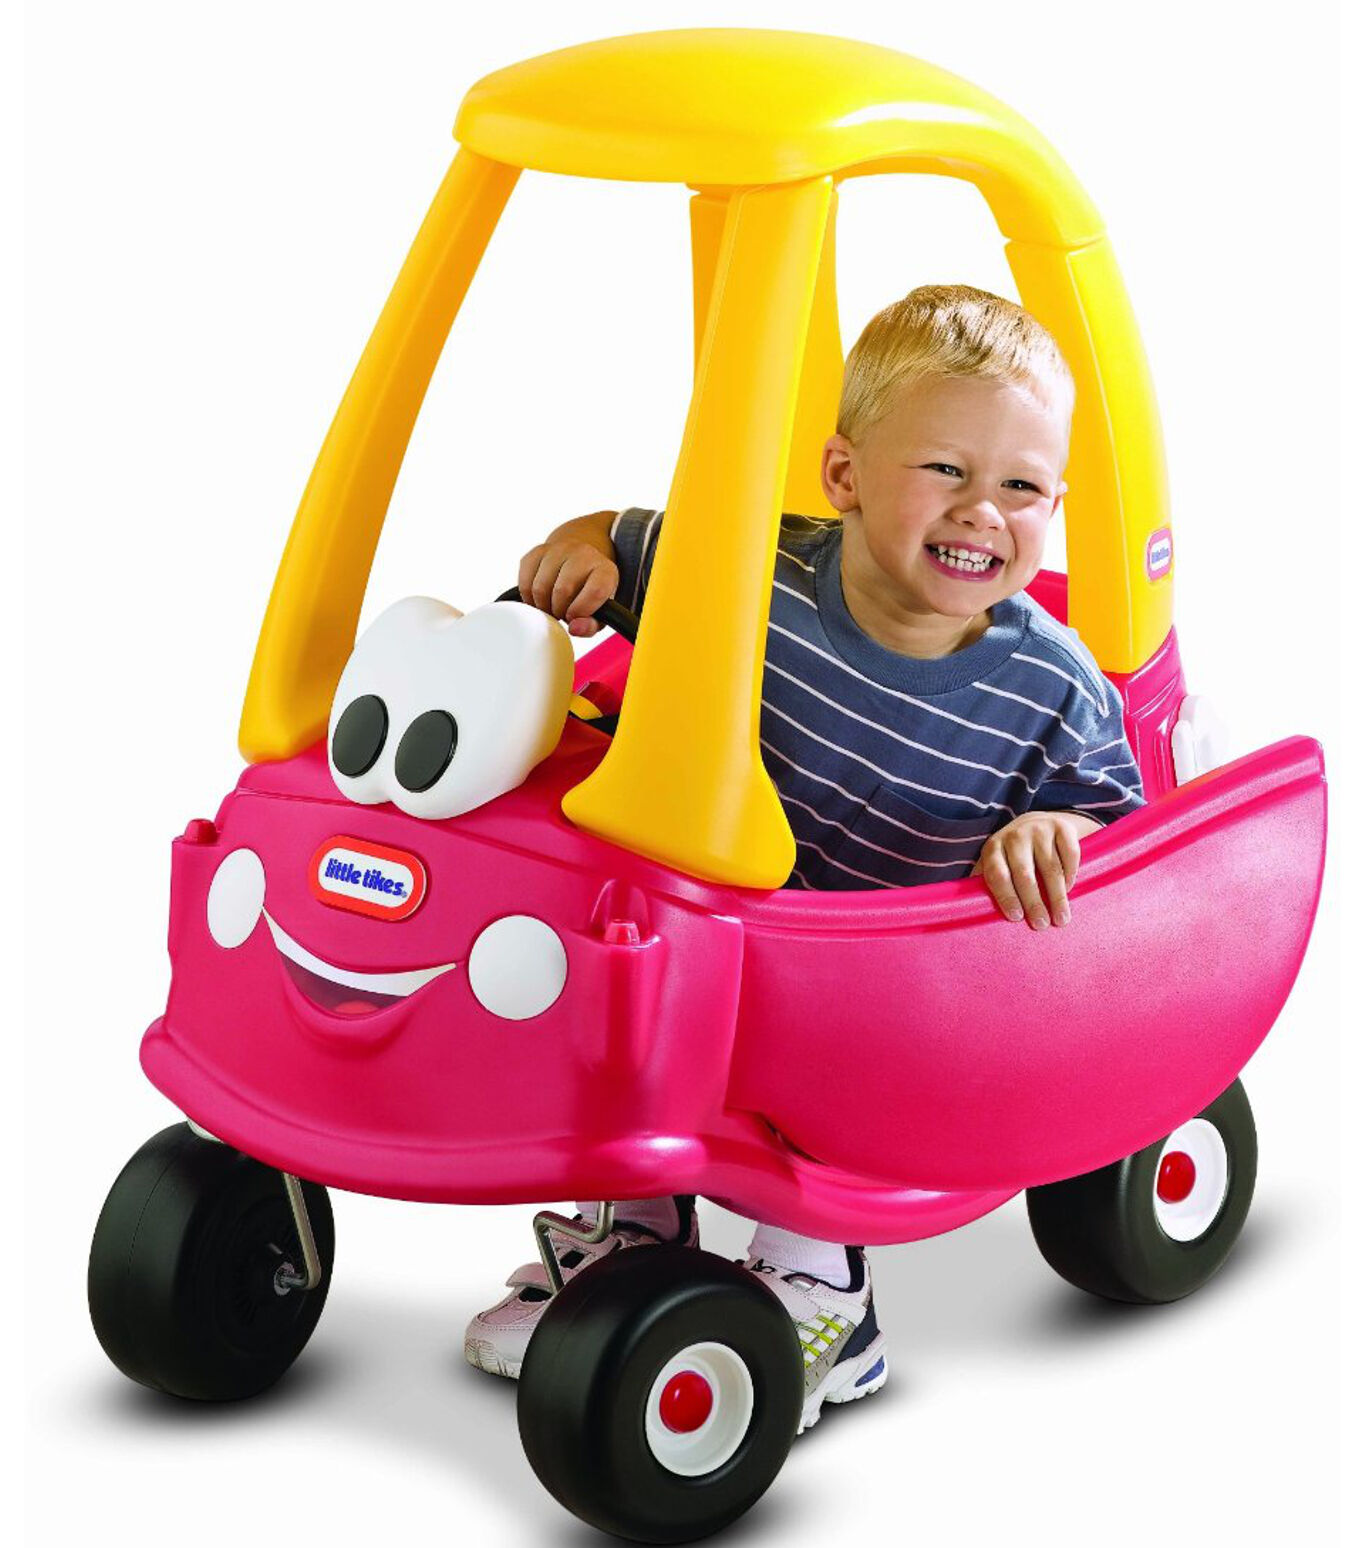 Máquina montar-en niños para impulsar la little tikes con la parte posterior